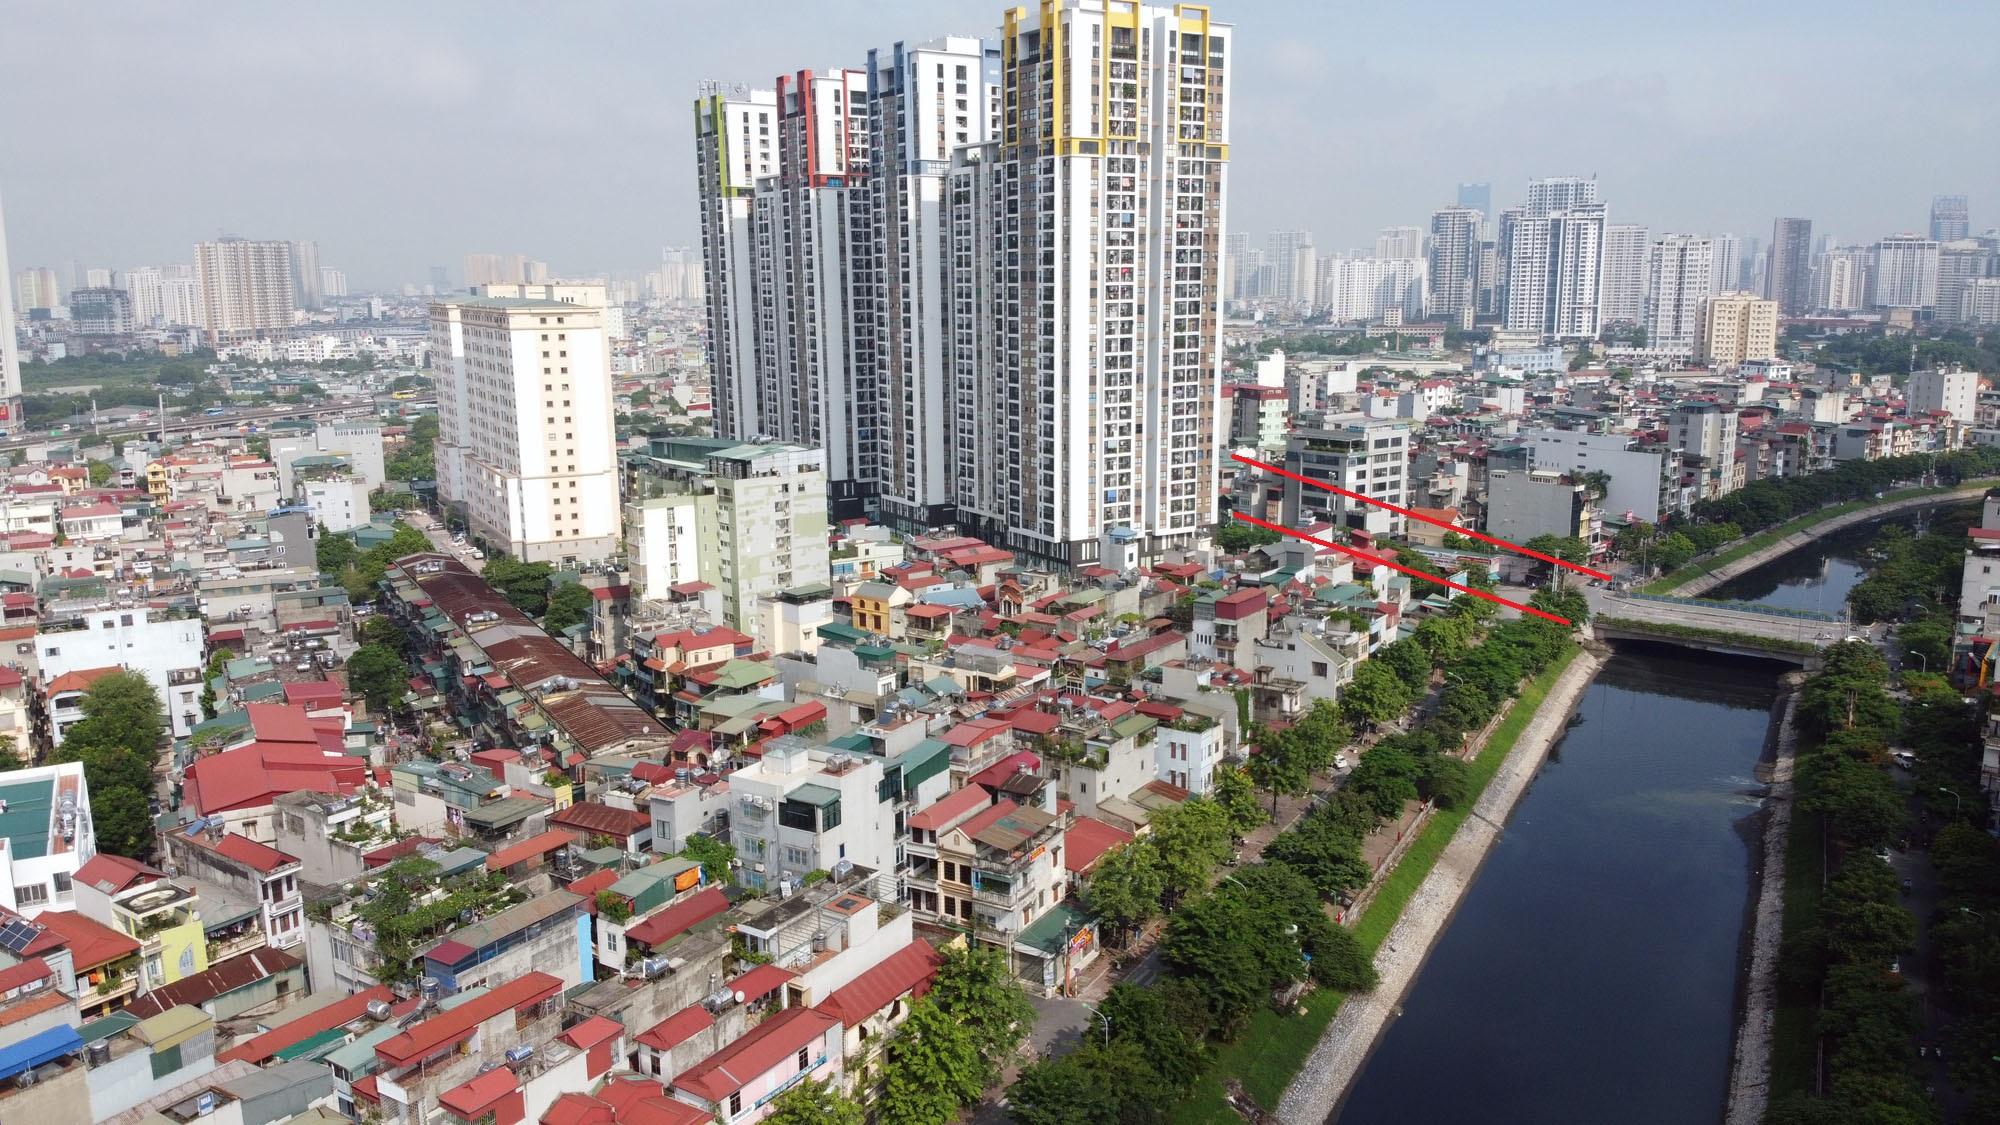 đường sẽ mở theo qui hoạch ở phường Hạ Đình, Thanh Xuân, Hà Nội - Ảnh 7.